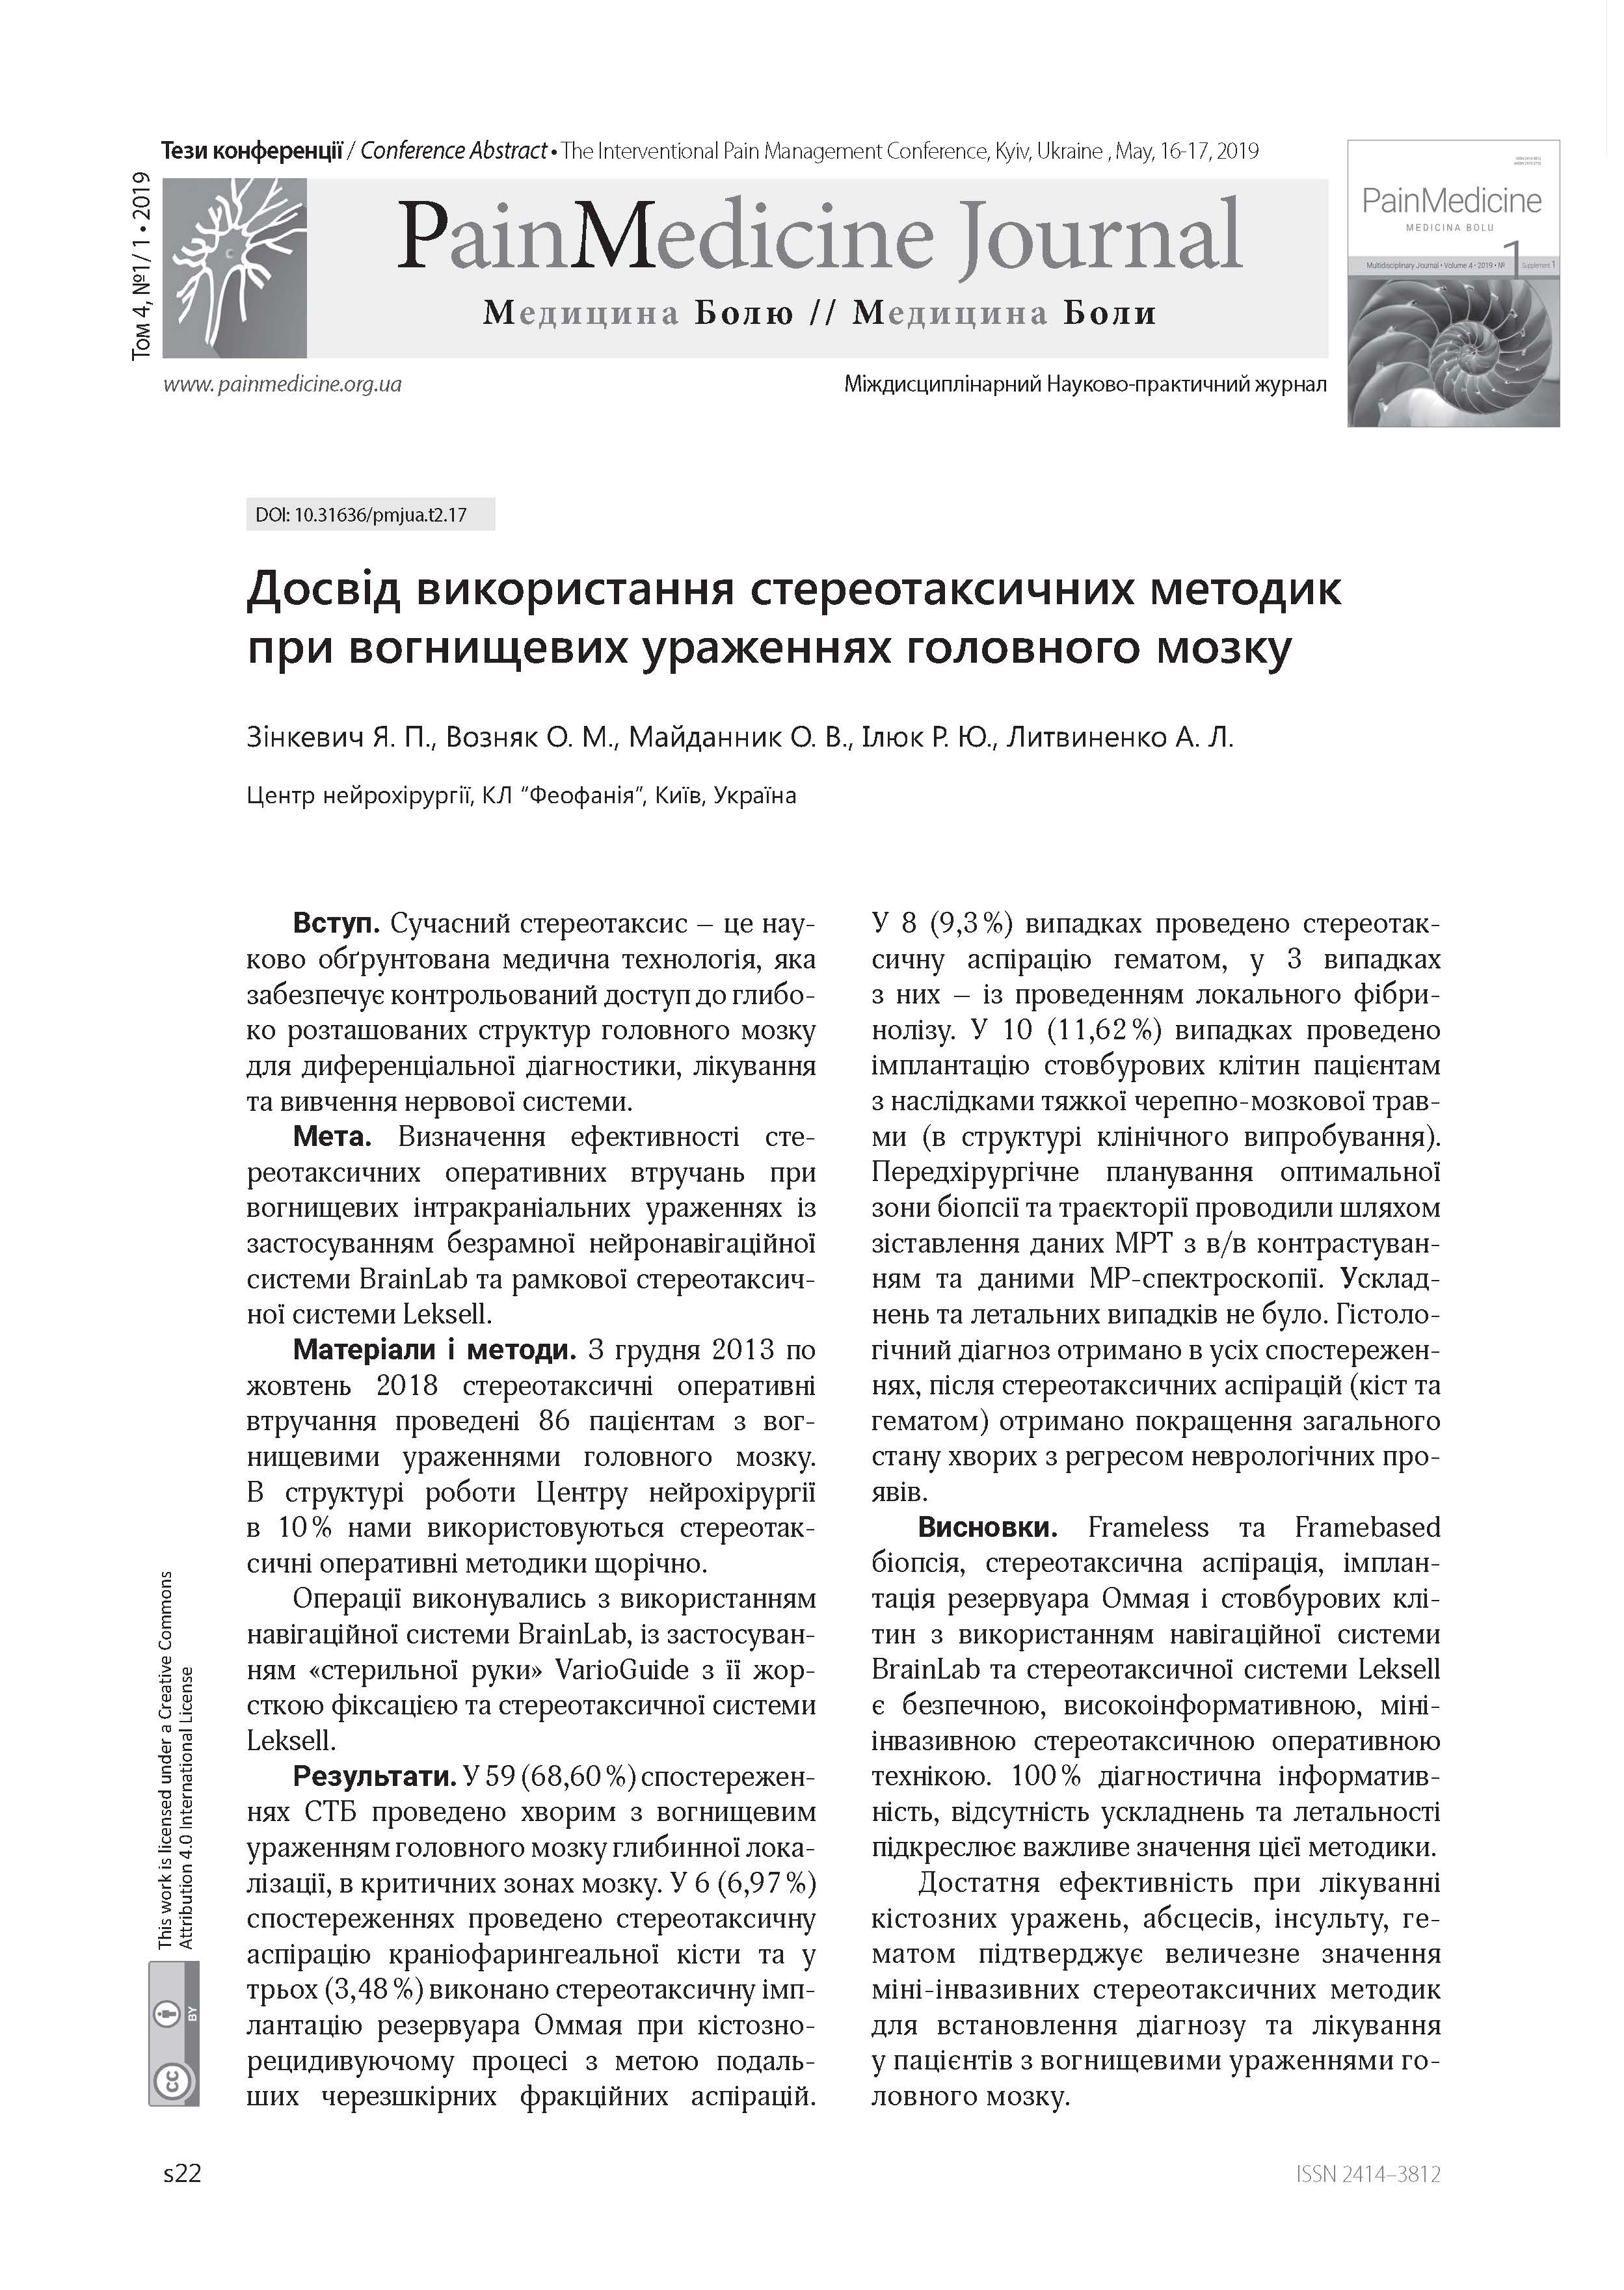 Досвід використання стереотаксичних методик при вогнищевих ураженнях головного мозку